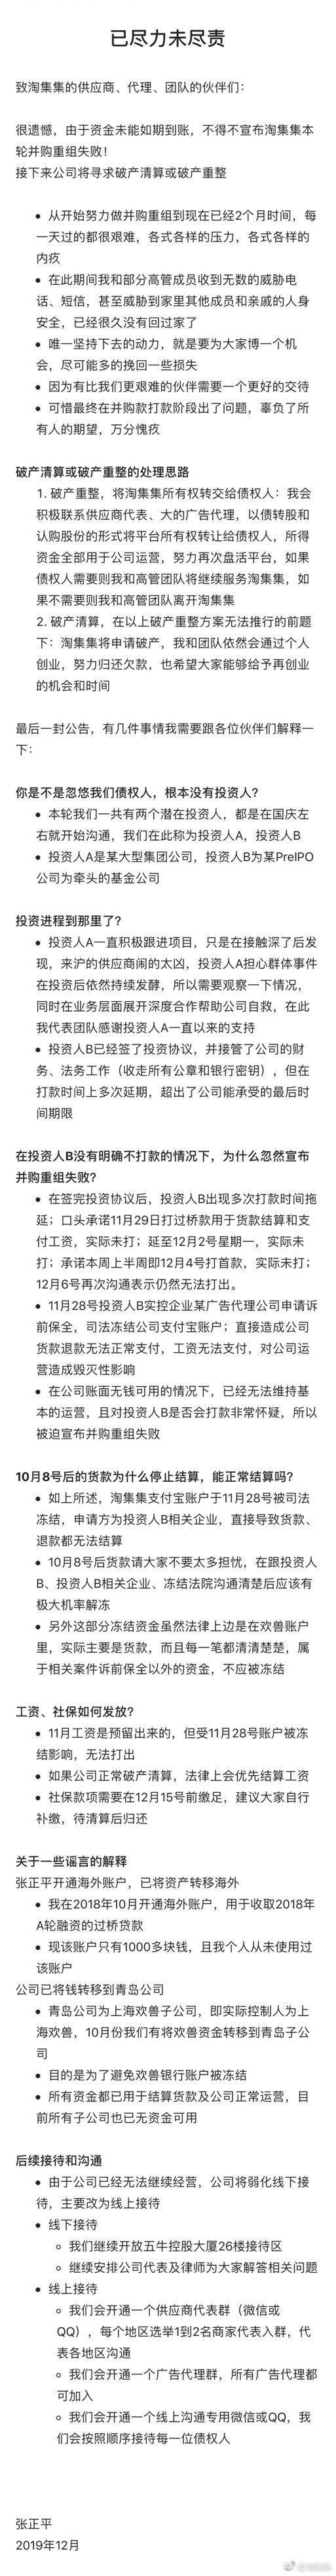 淘集集宣布并购重组失败 将寻求破产清算或重整